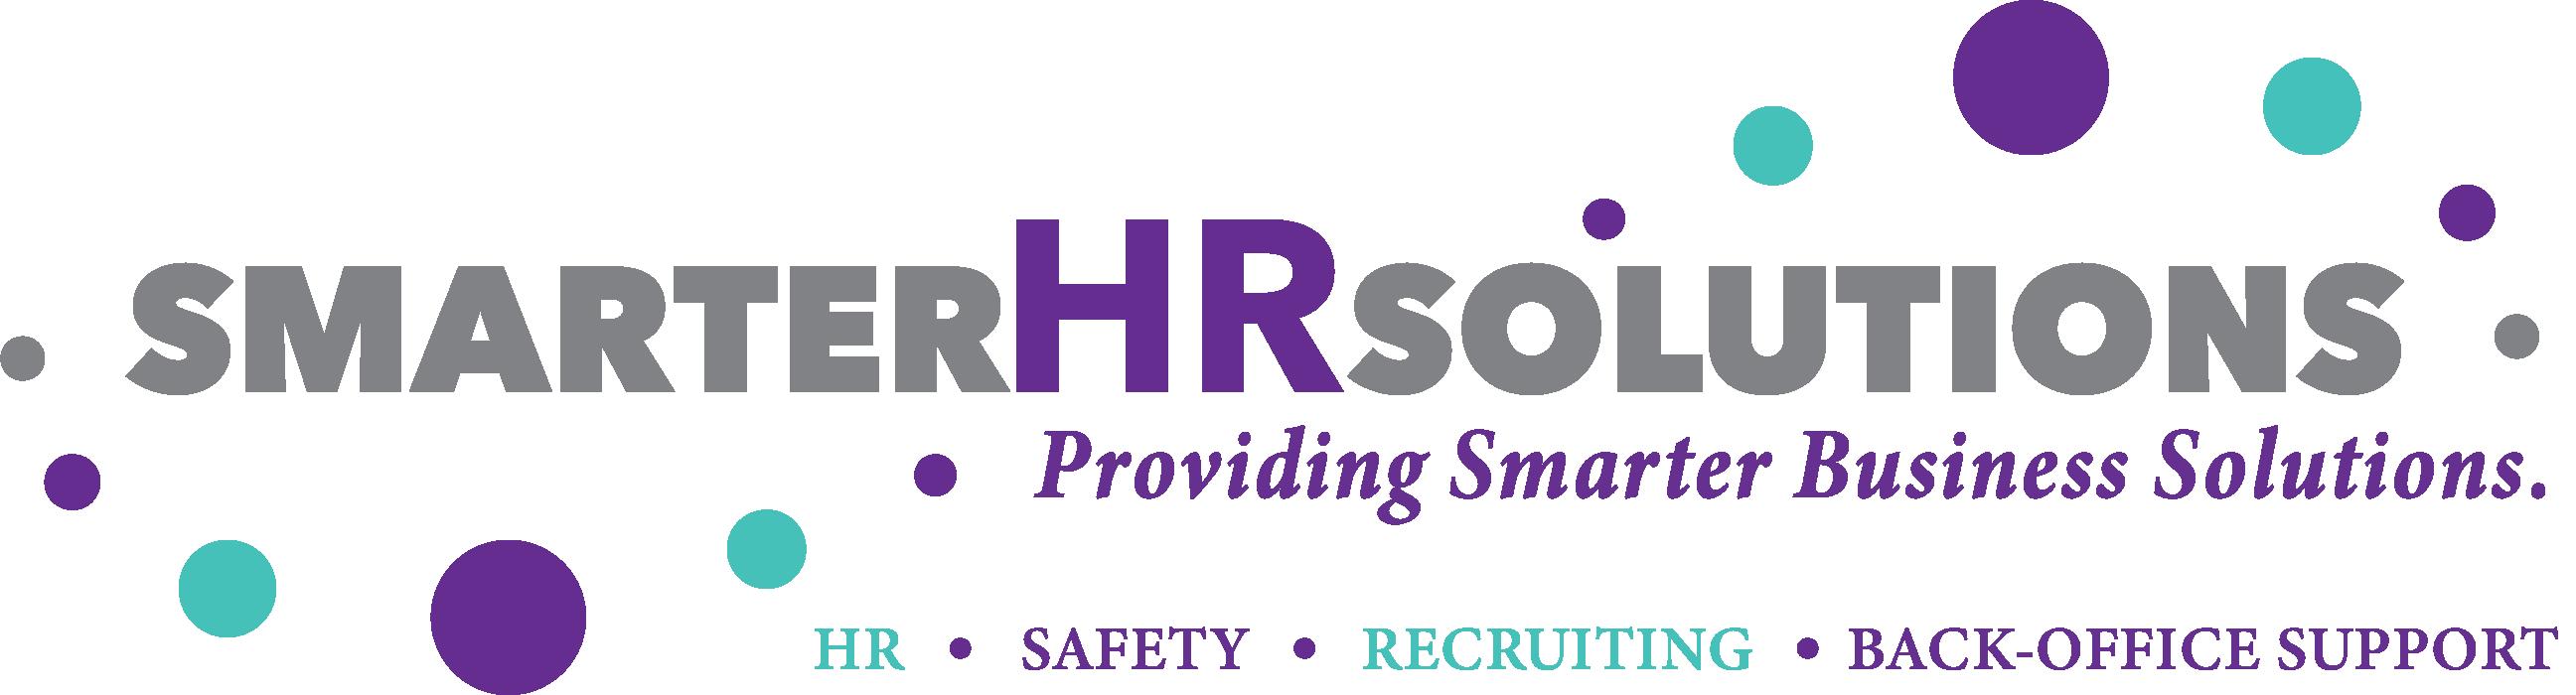 Smarter HR Solutions